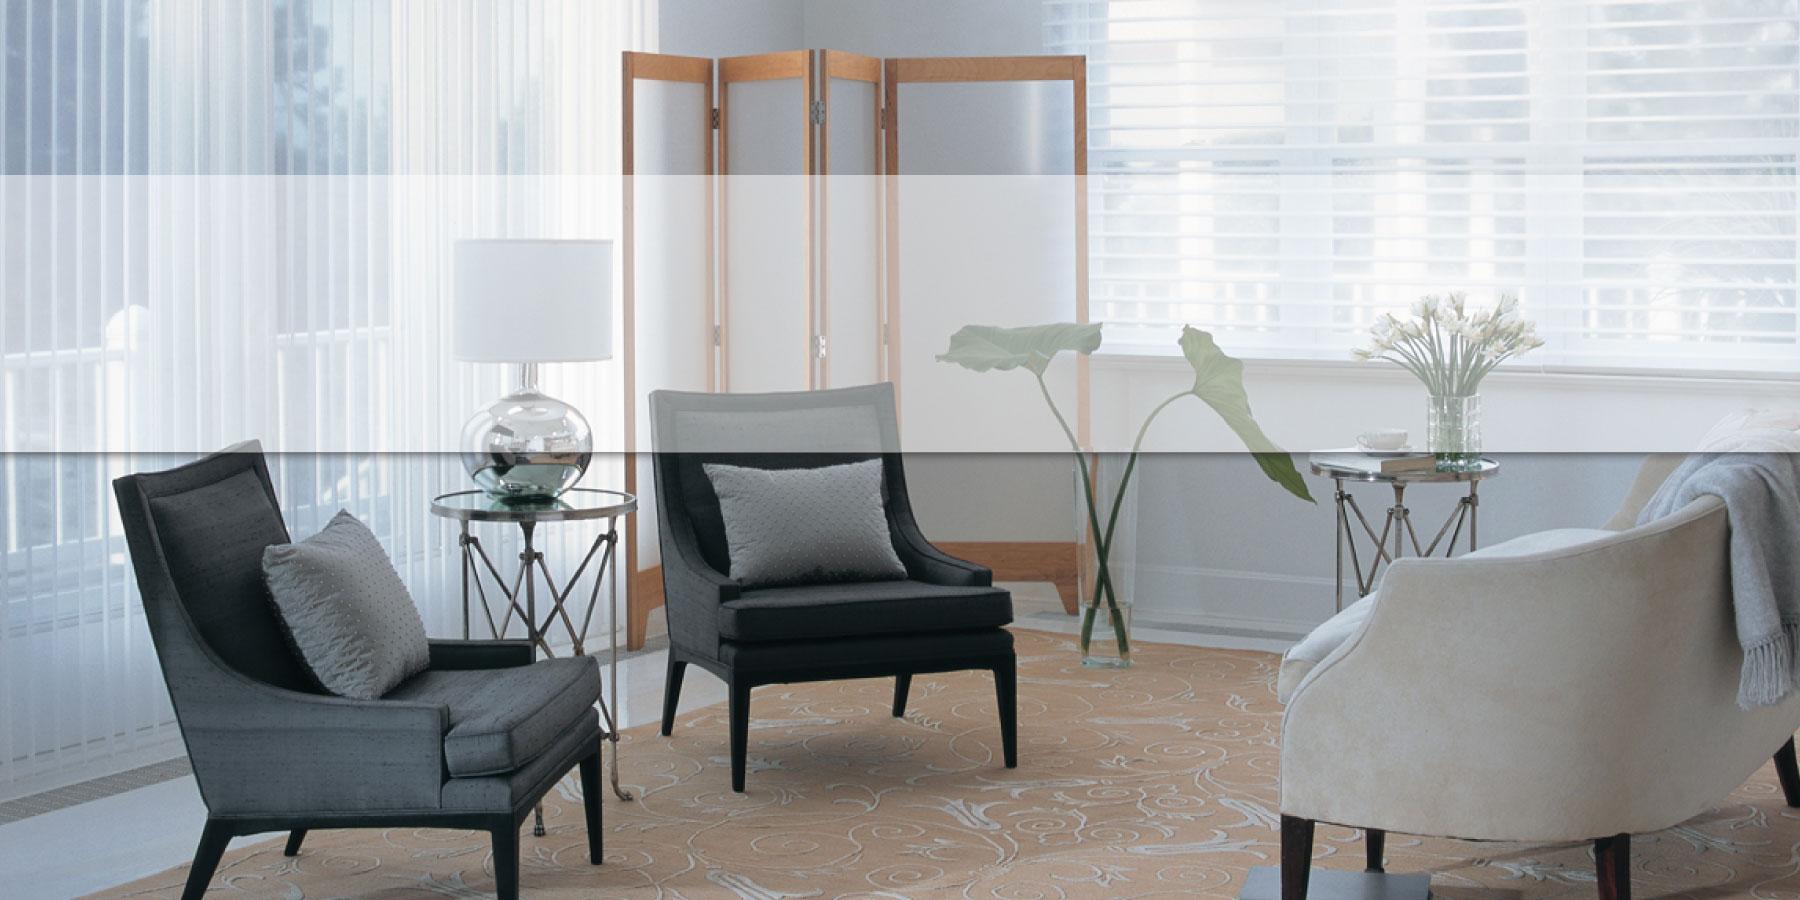 House2Home-Blaine-Carpet-Flooring-Minnesota_Slide3-1